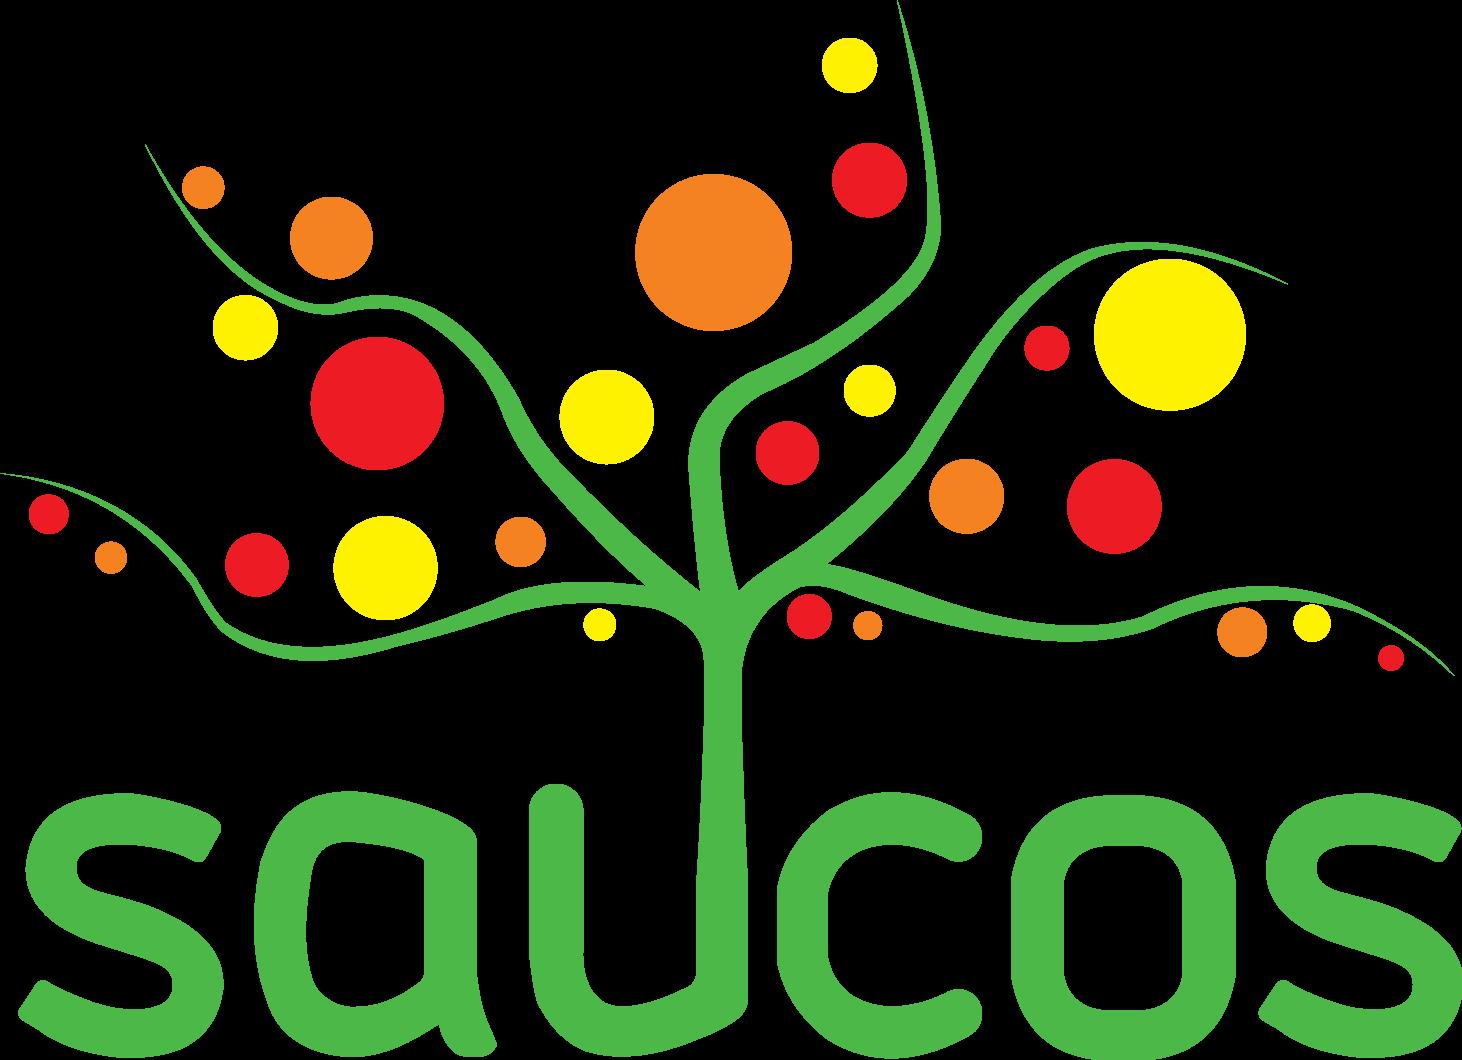 Saucos - Jardinería